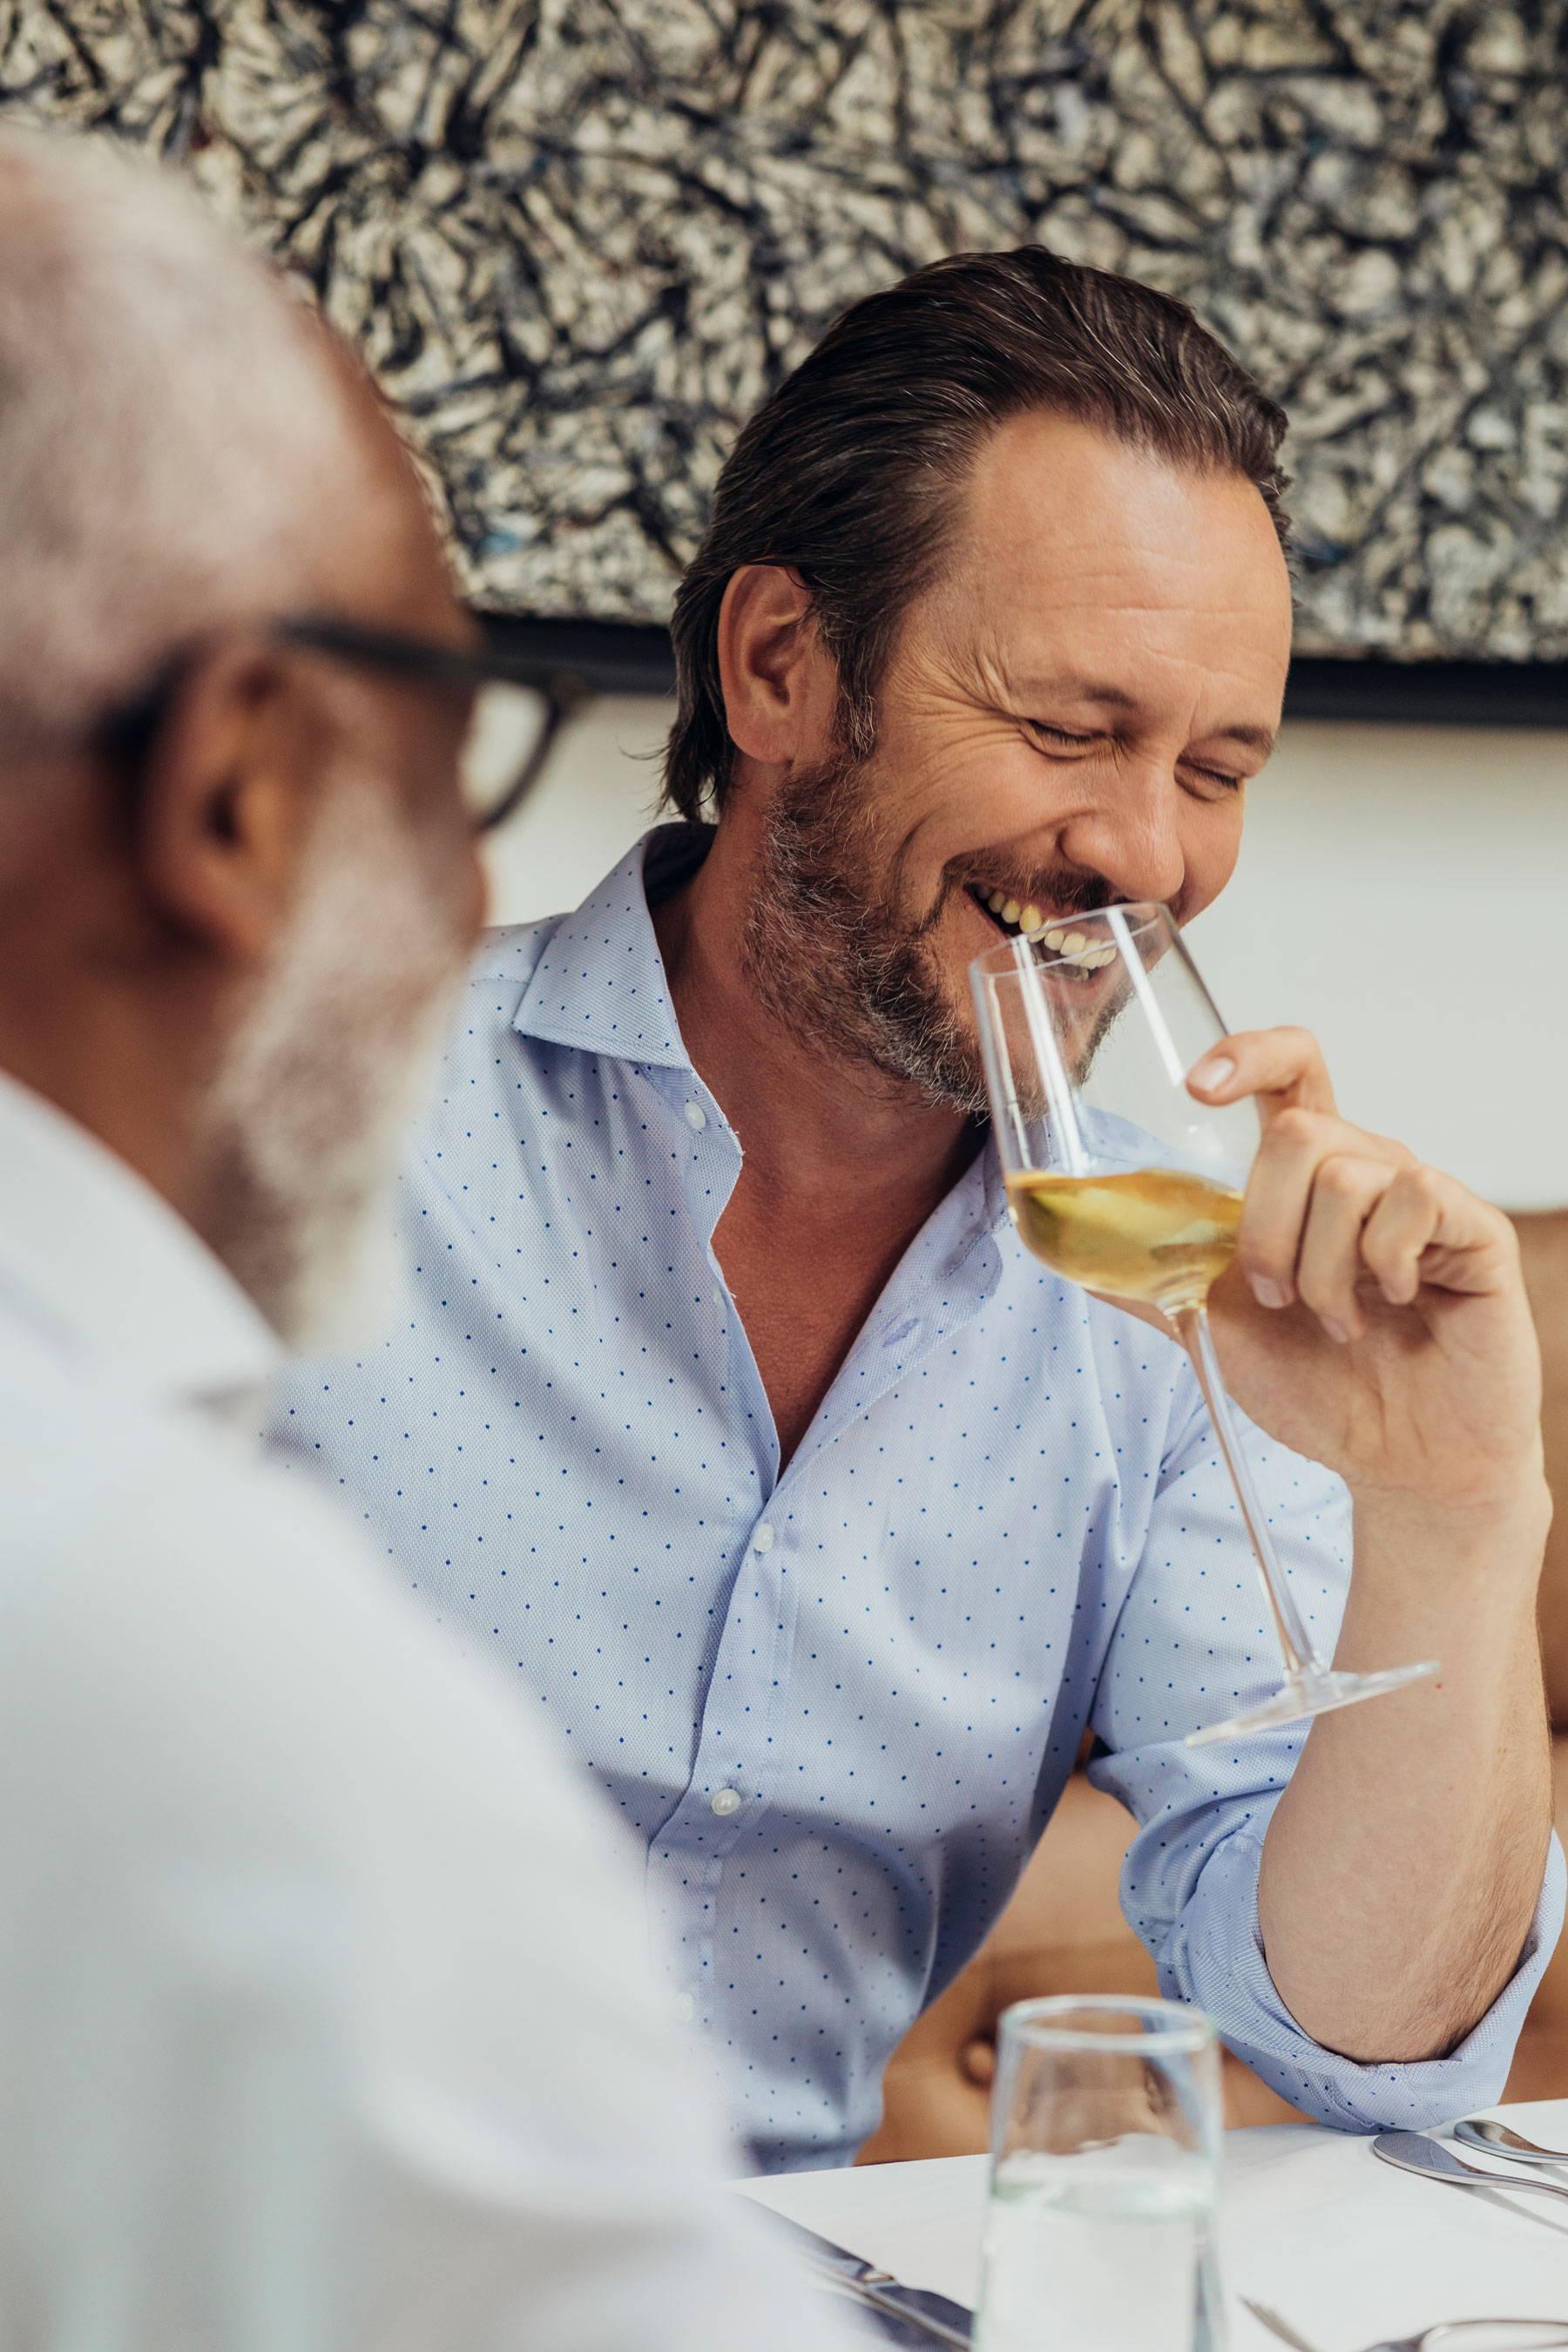 Gentleman drinking wine in blue shirt